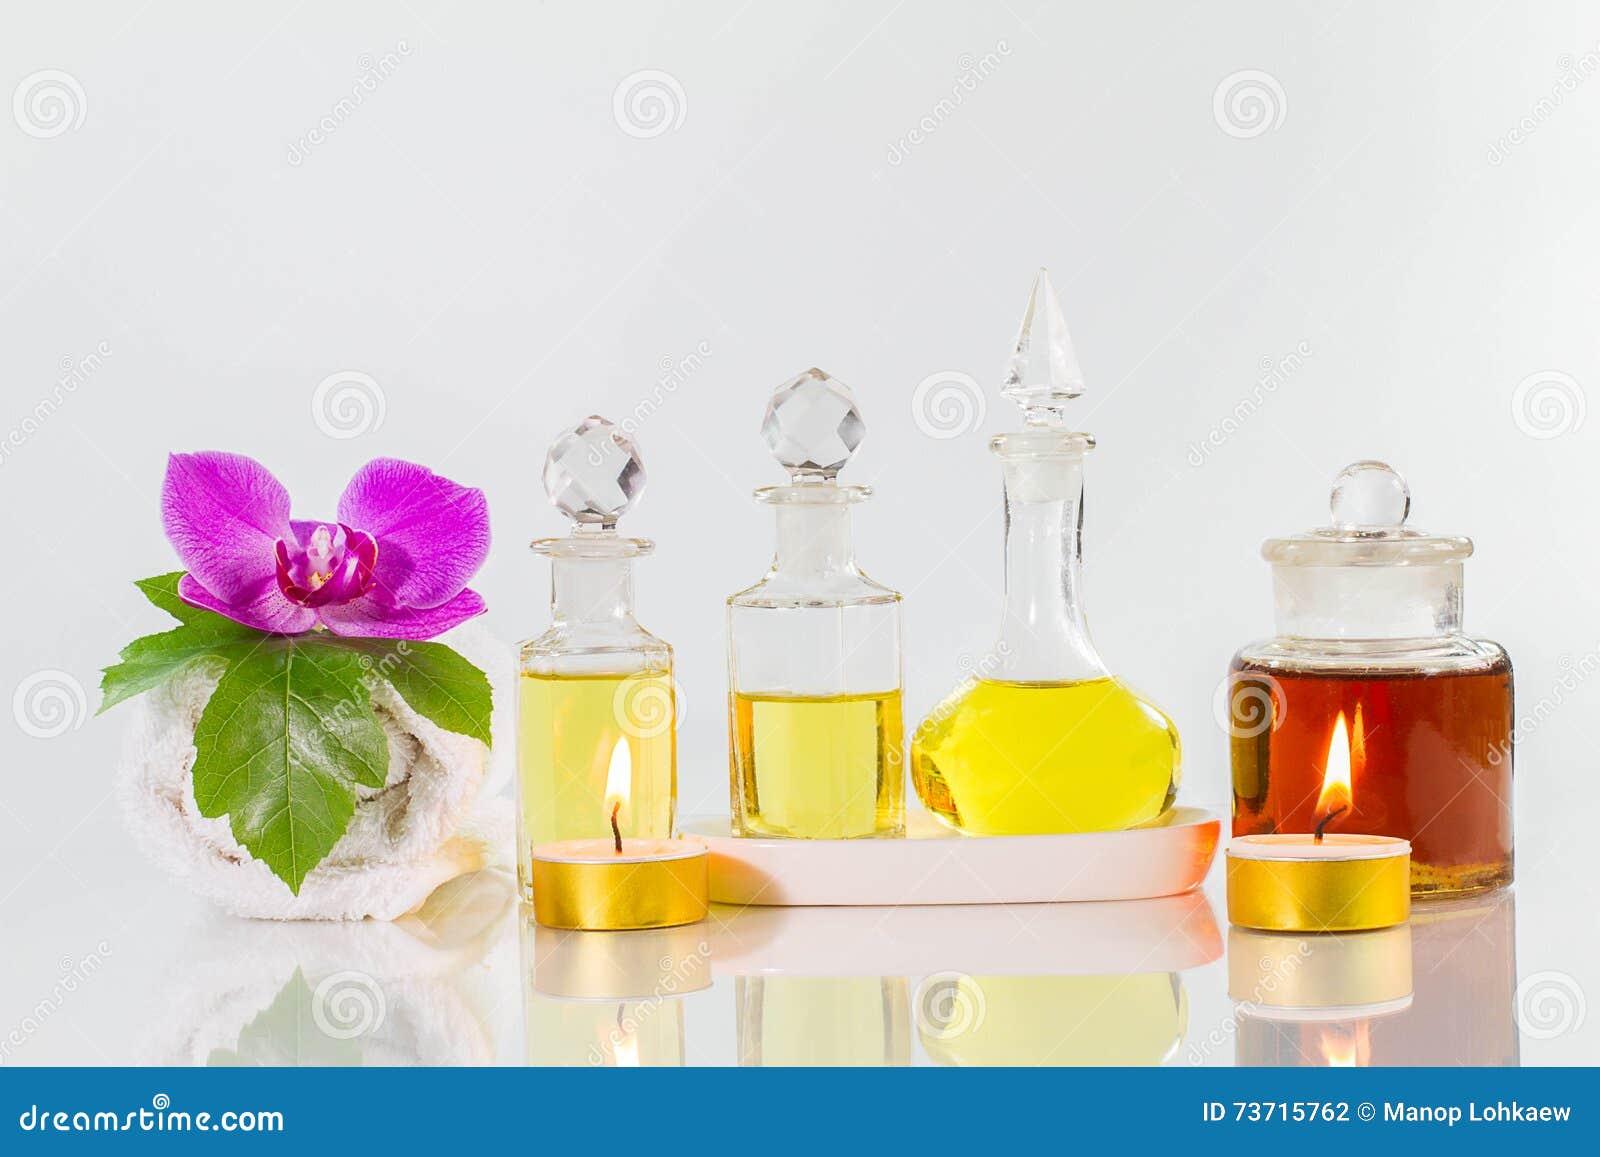 Vieilles bouteilles d 39 huiles aromatiques avec des bougies fleurs feuille serviette sur la - La bouteille sur la table ...